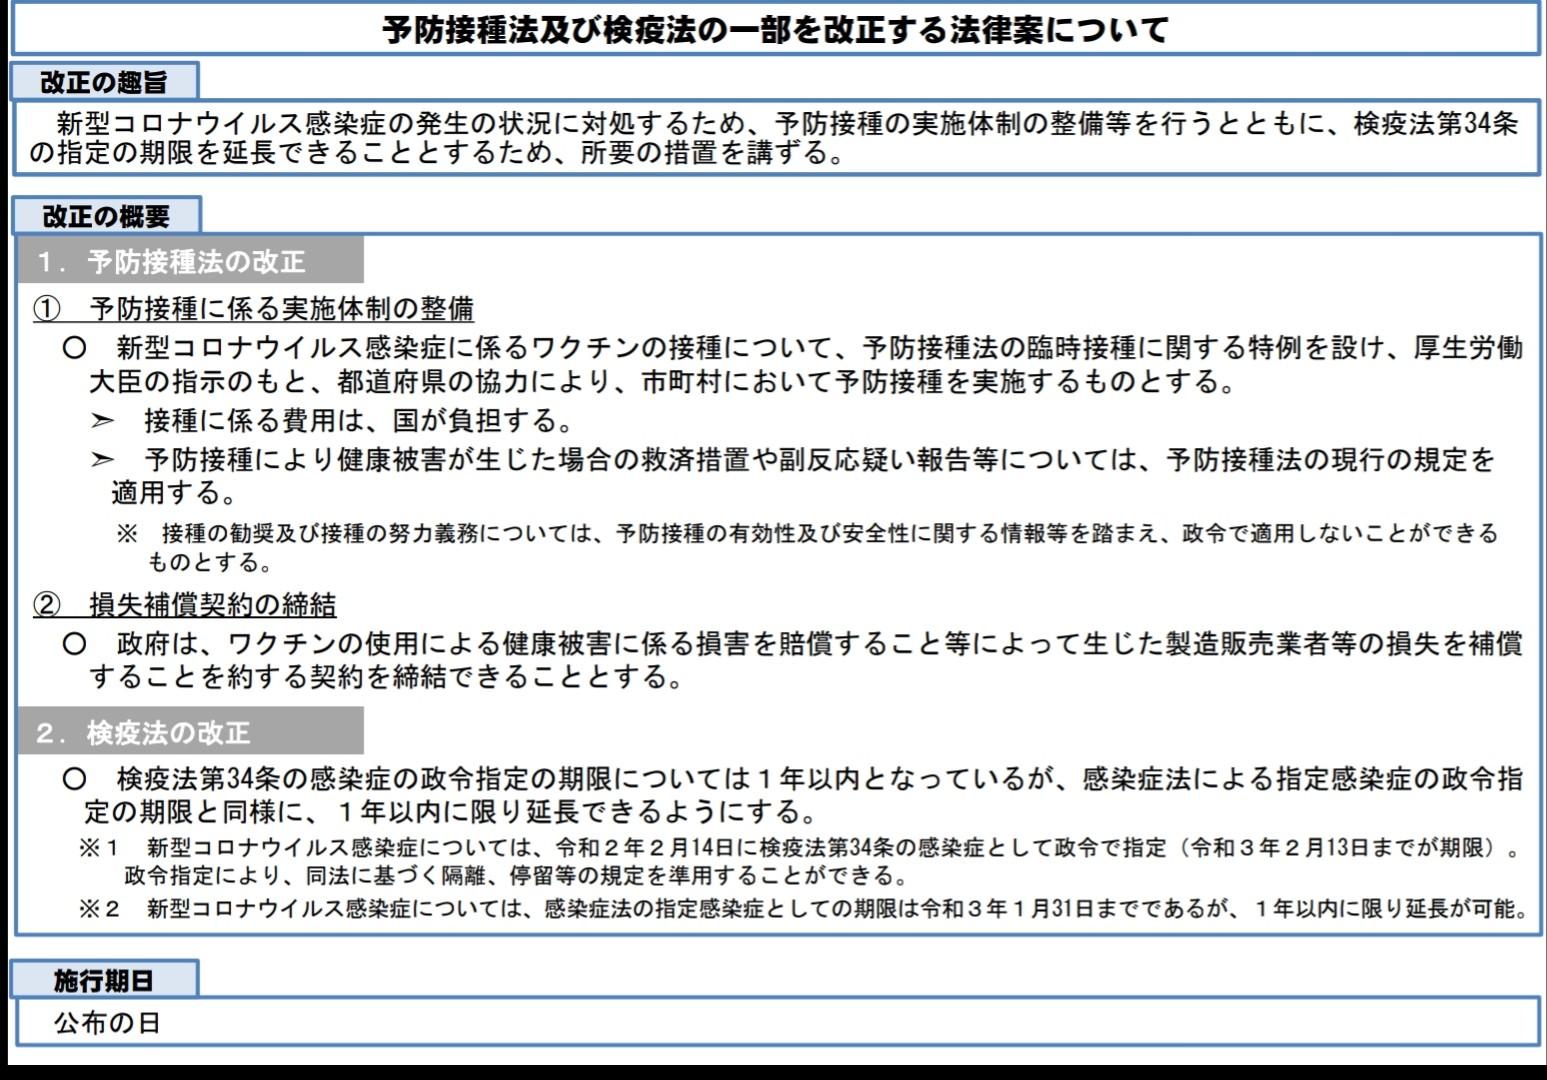 f:id:rihoko_2020:20210131222144j:image